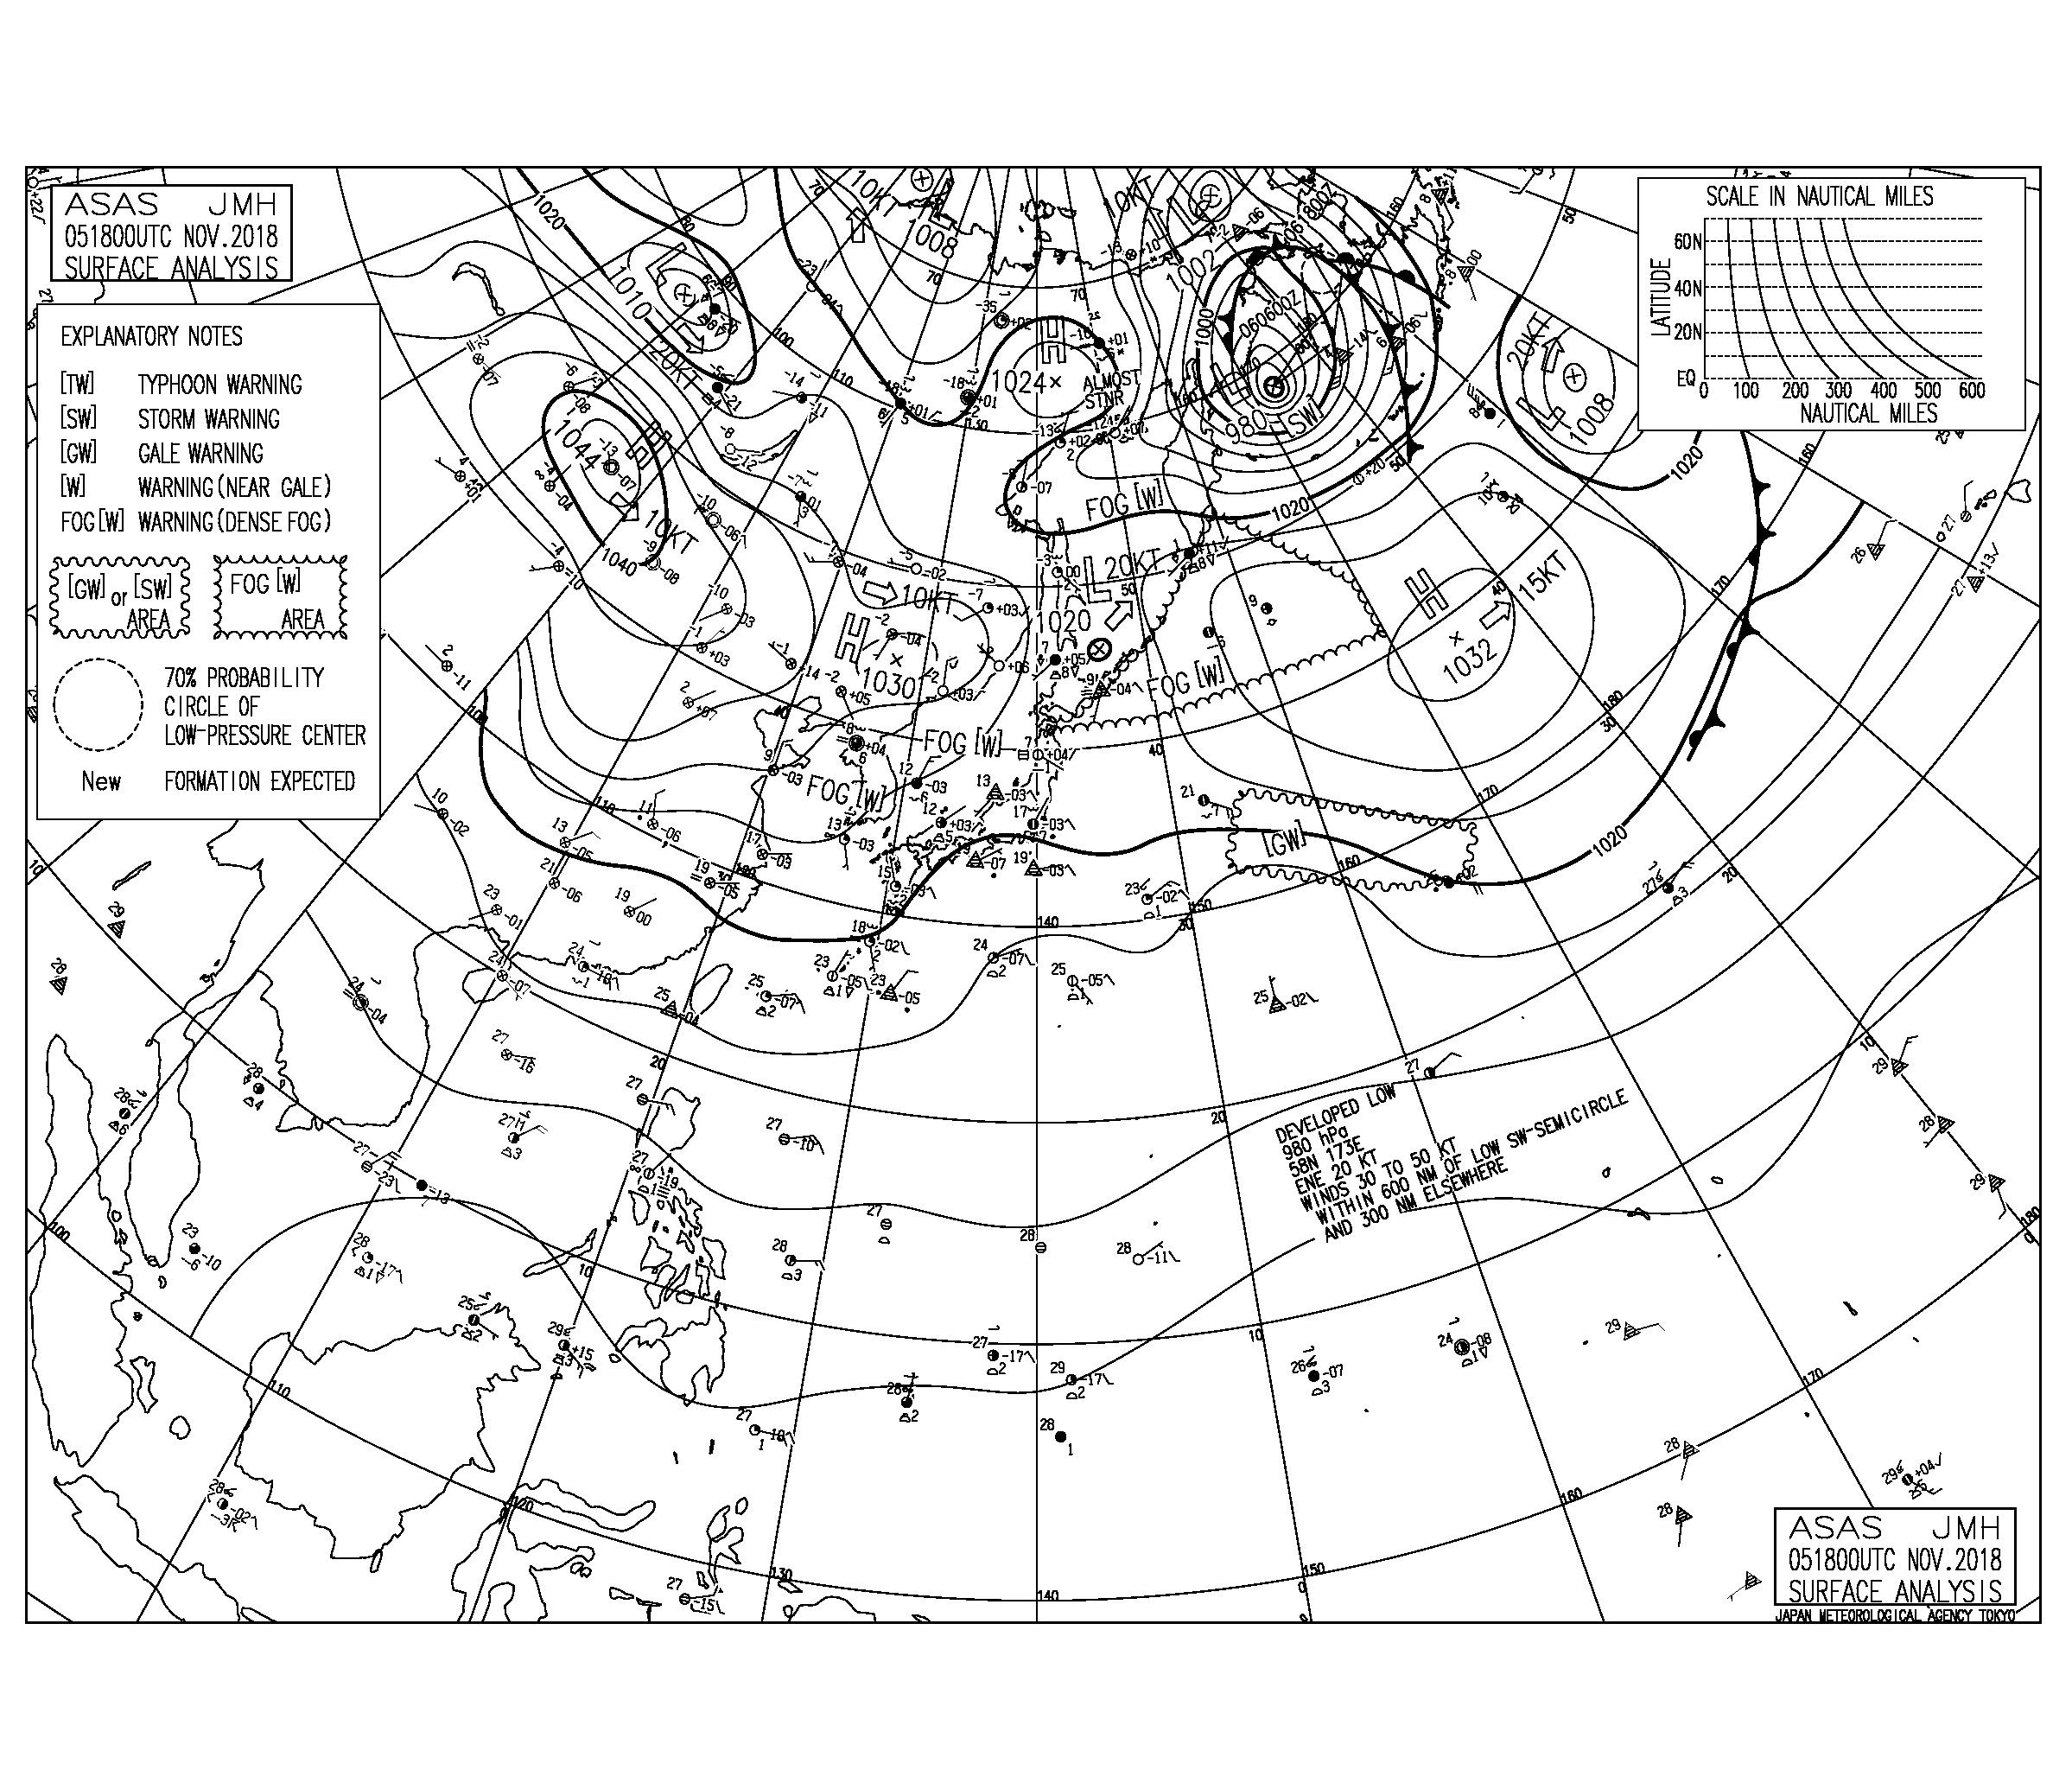 11/6 気圧配置と波情報~東海上の高気圧からの東から南東うねりに弱く反応、今日から大潮まわり